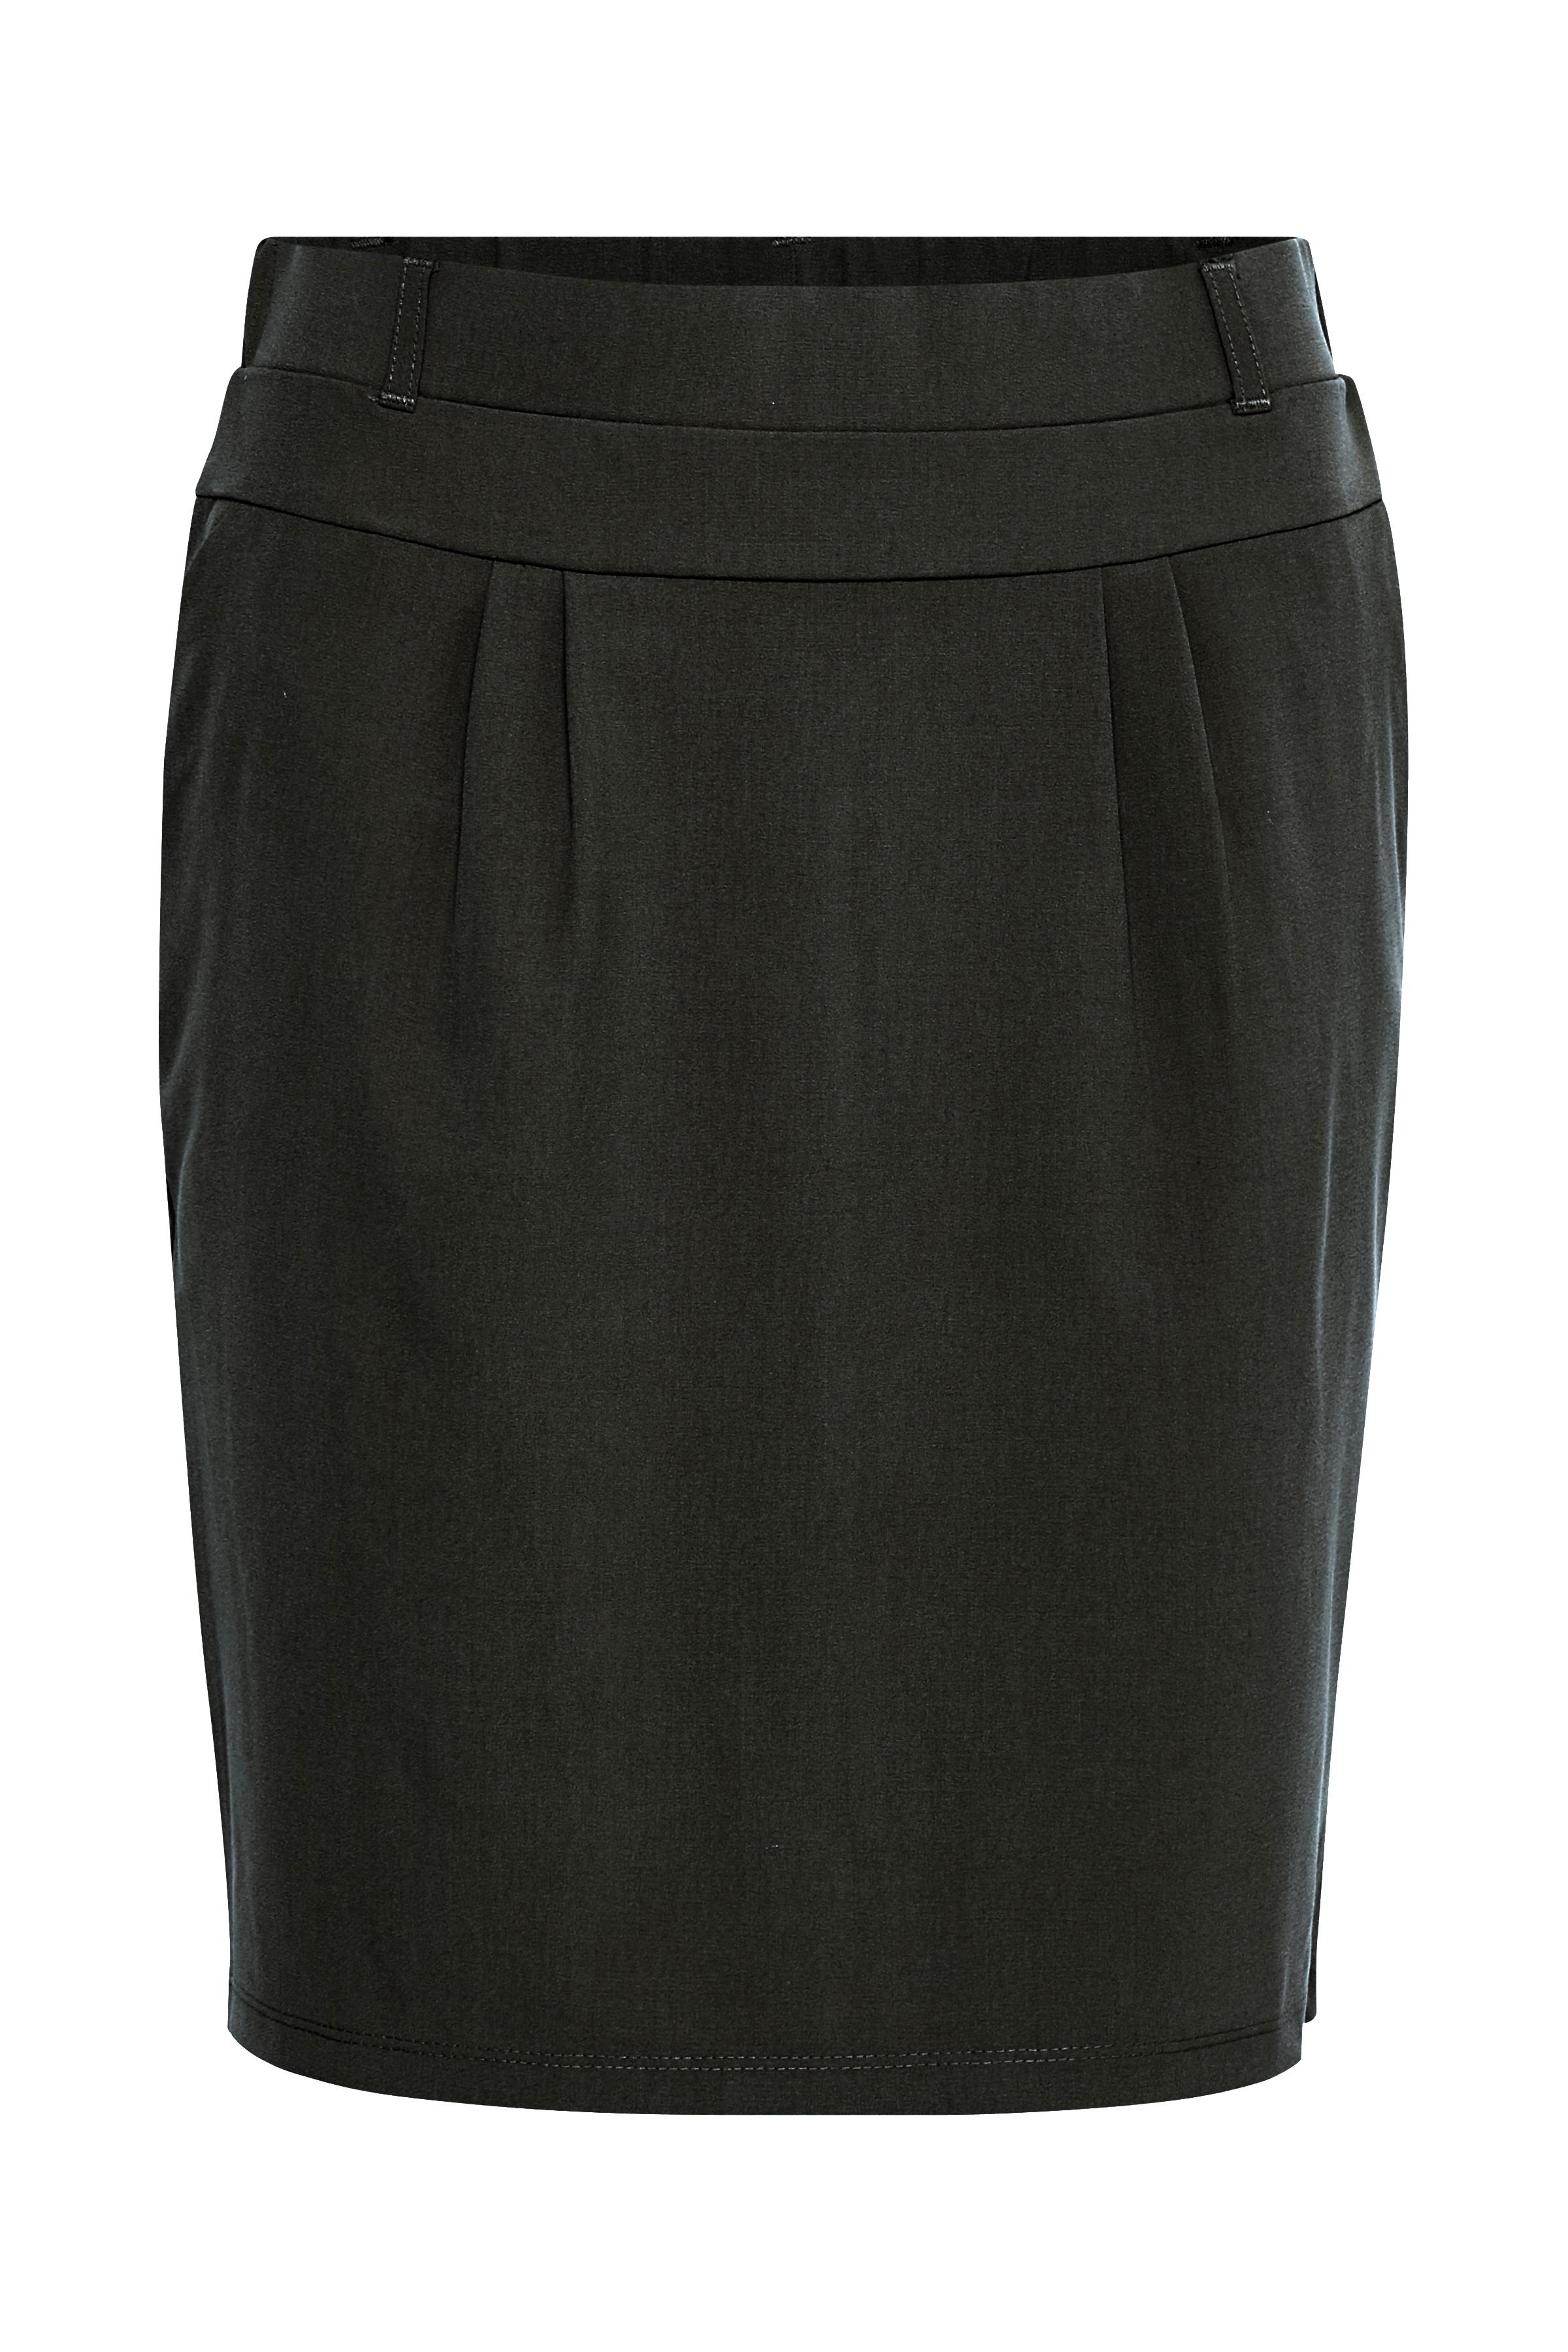 Mørk gråmeleret Nederdele fra Kaffe – Køb Mørk gråmeleret Nederdele fra str. 32-46 her